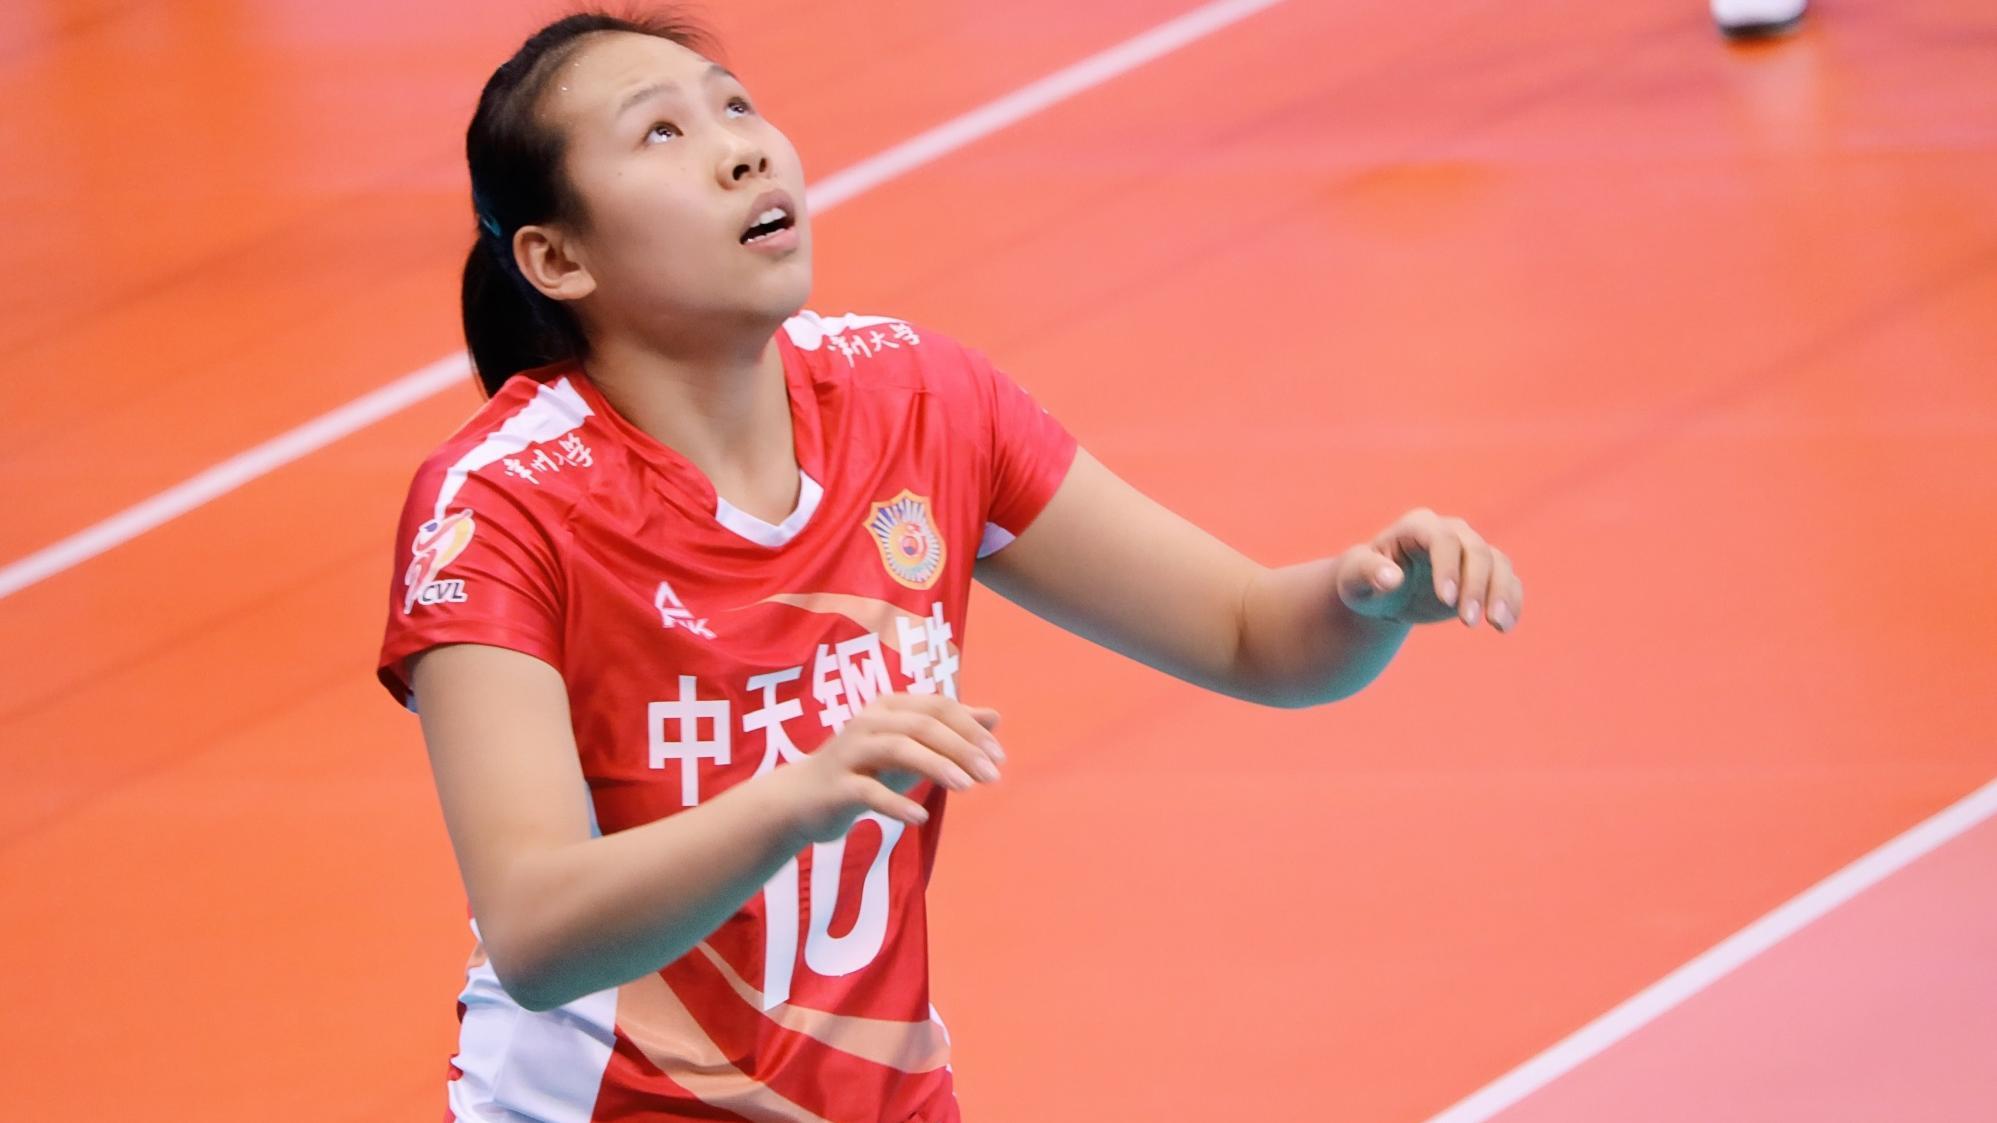 """许璐瑶!""""常熟杯""""国际女排对抗赛中国女排二队vs塞尔维亚集锦!"""